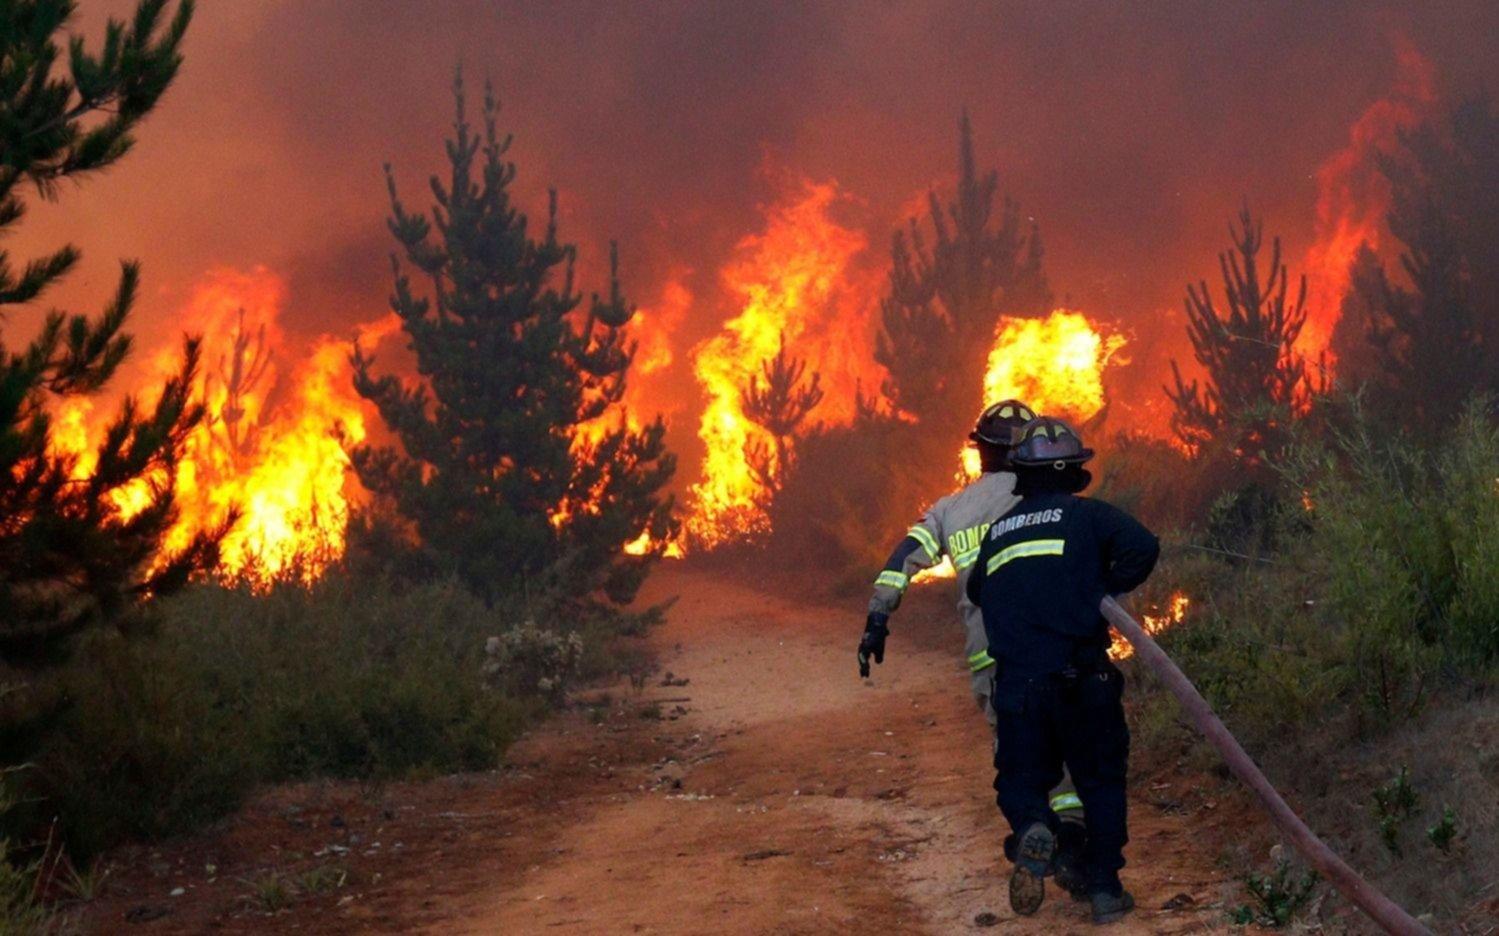 ¿El incendio en la Amazonía es una catástrofe brasileña o mundial?